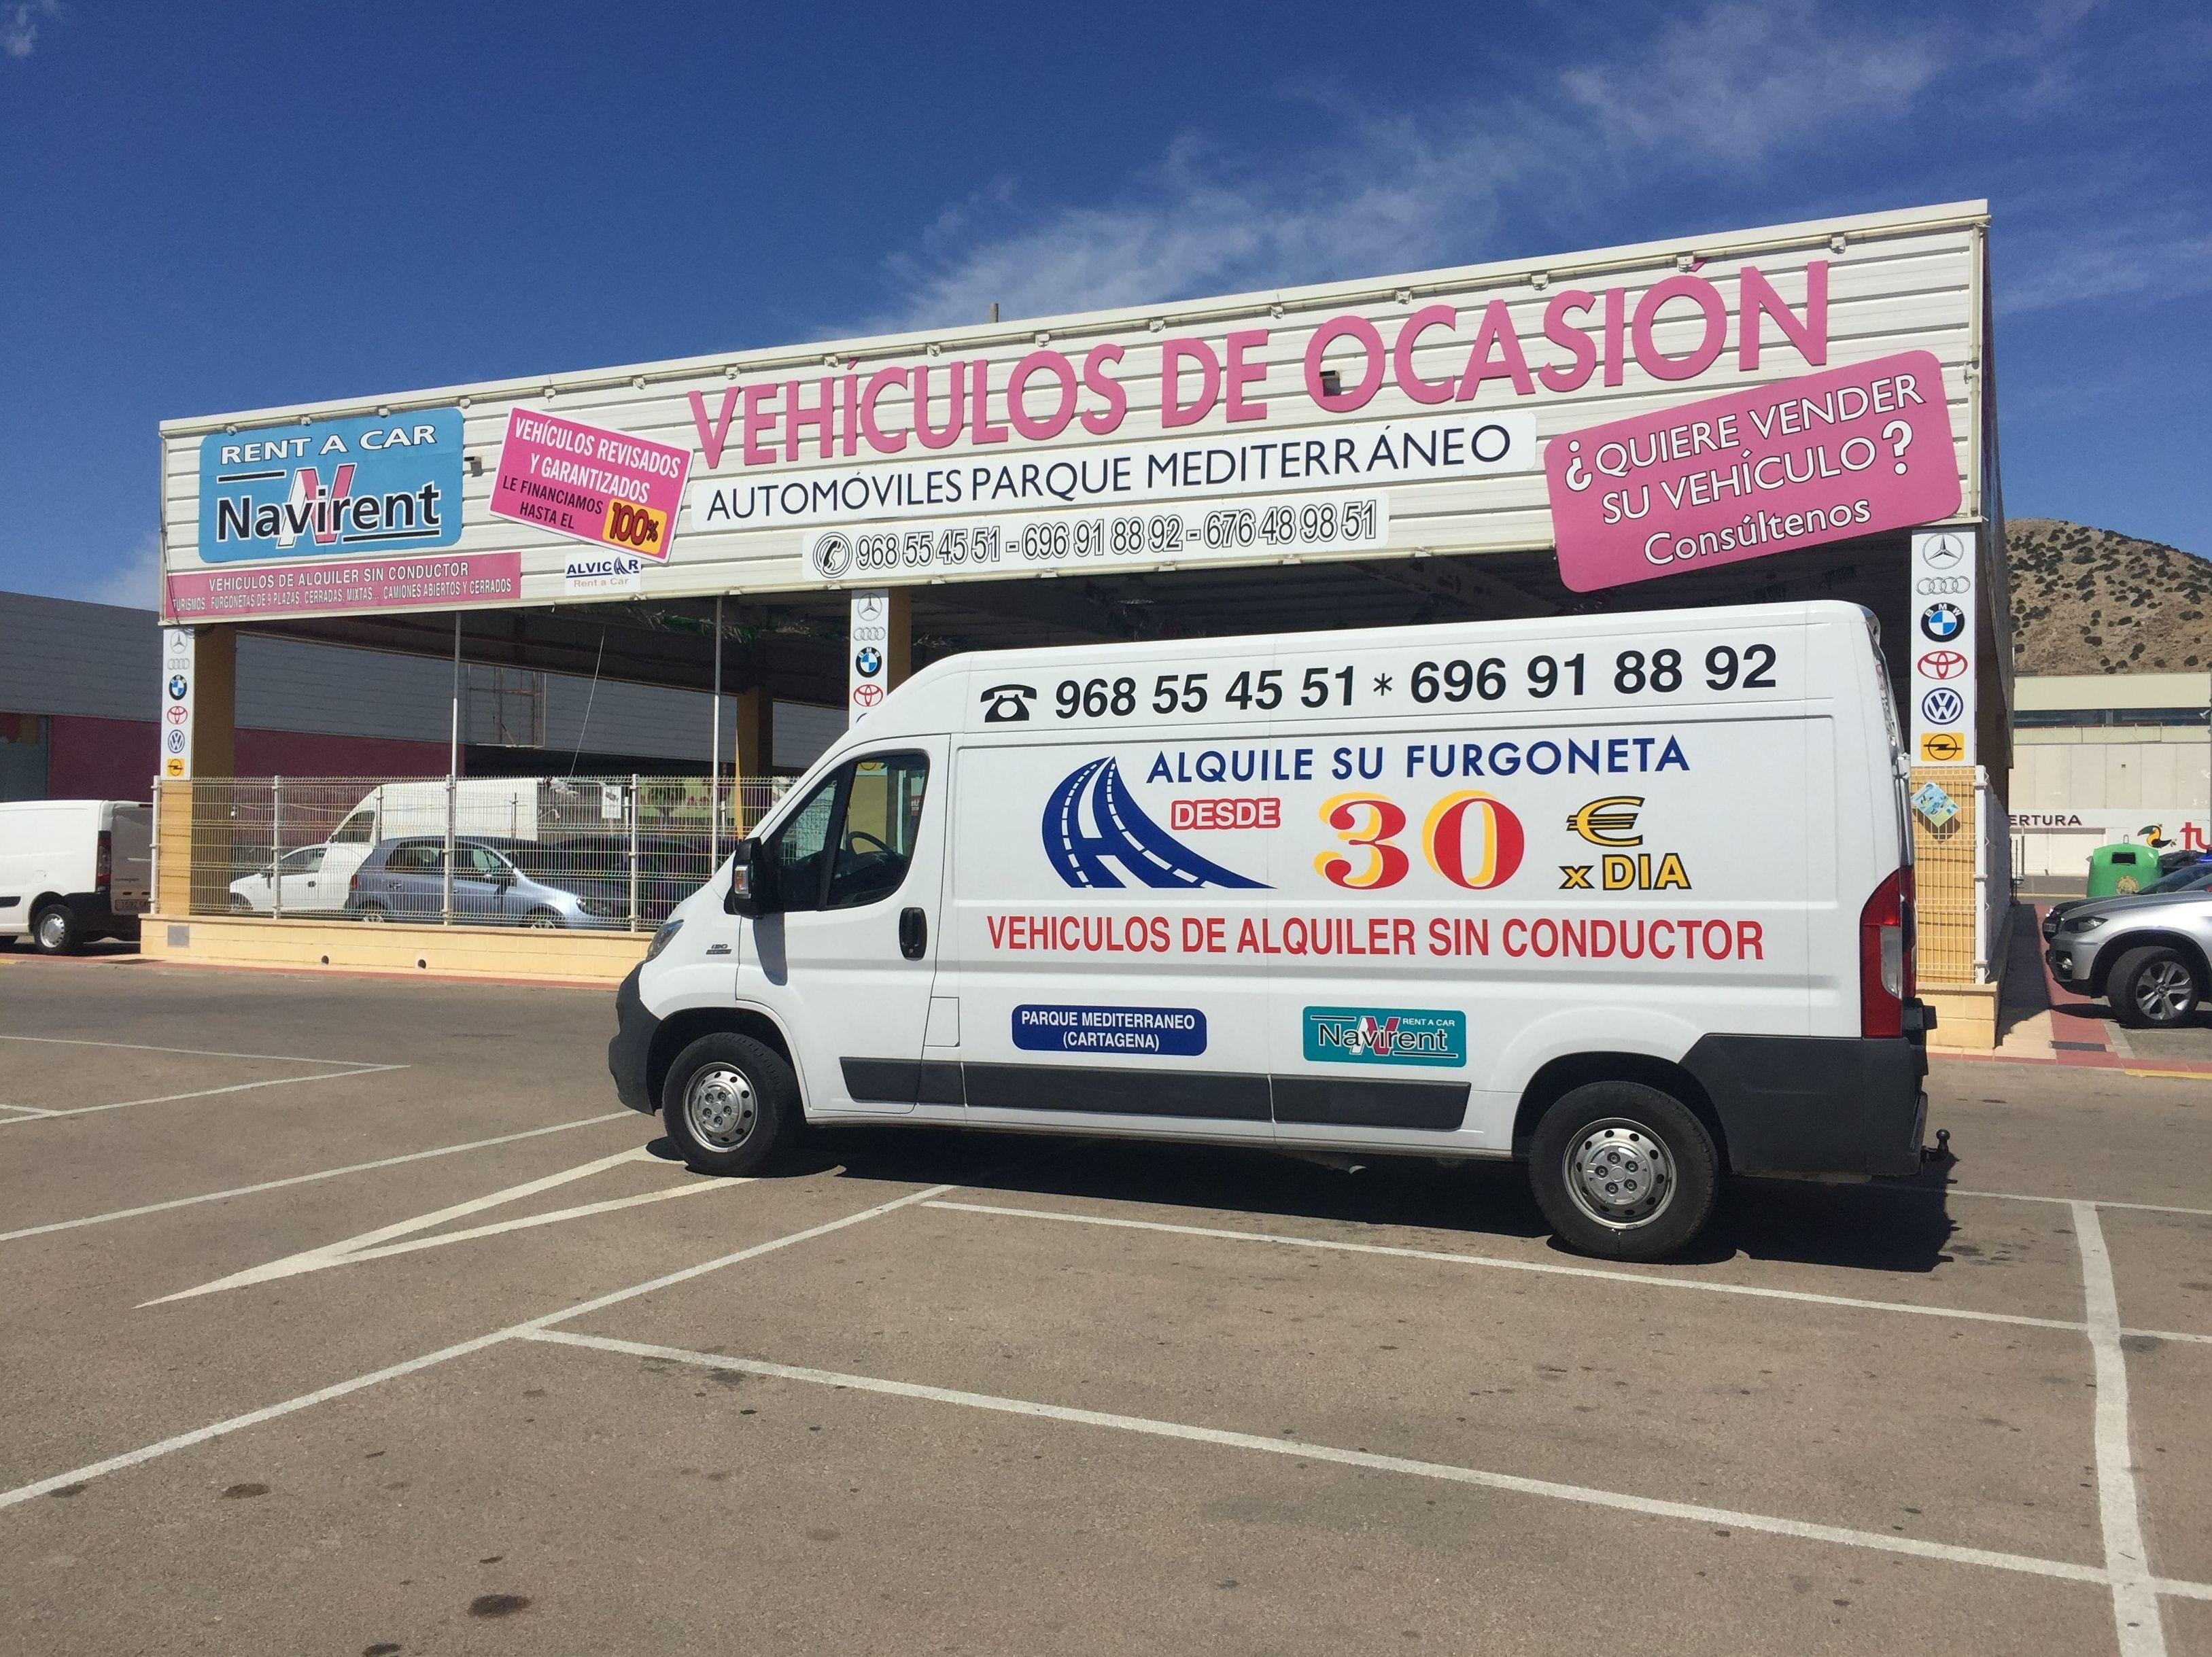 Foto 3 de Alquiler de coches y furgonetas en Cartagena | Automóviles Parque Mediterráneo